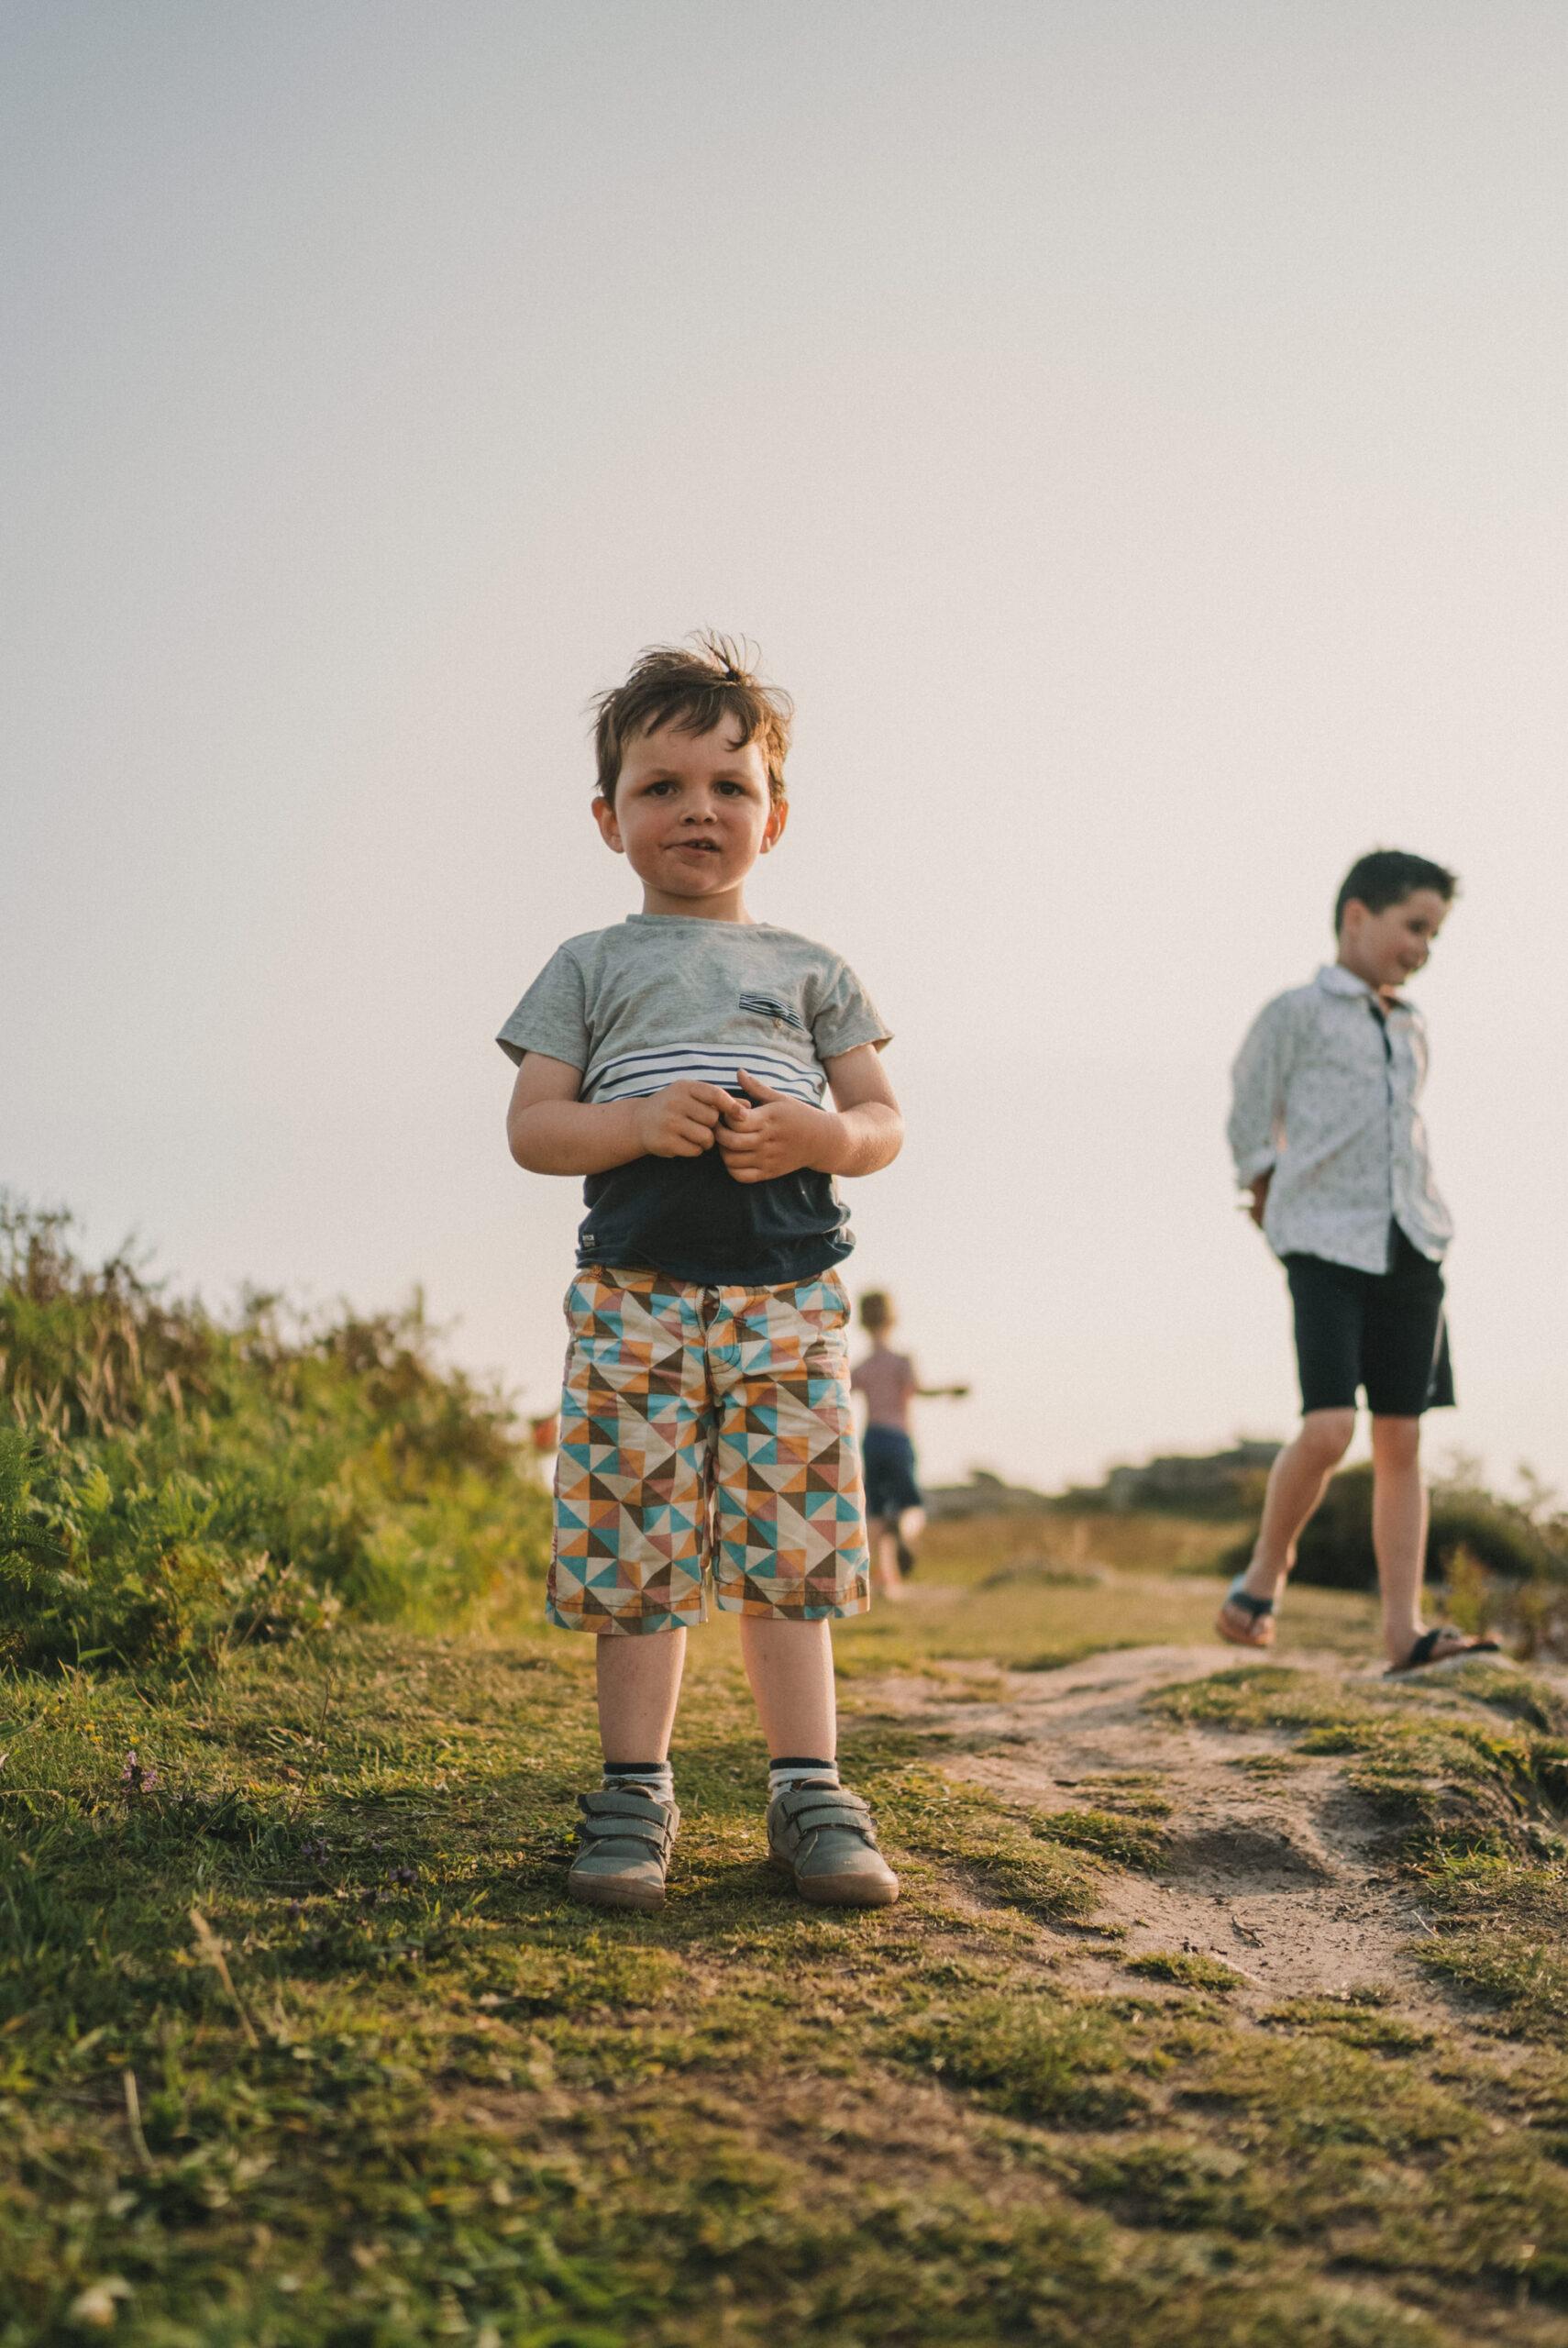 2021.07.20 Photo De Famille A Porspoder En Bretagne Par Antoine Borzeix 106 Scaled, Photographe & Videaste à Brest / Finistère